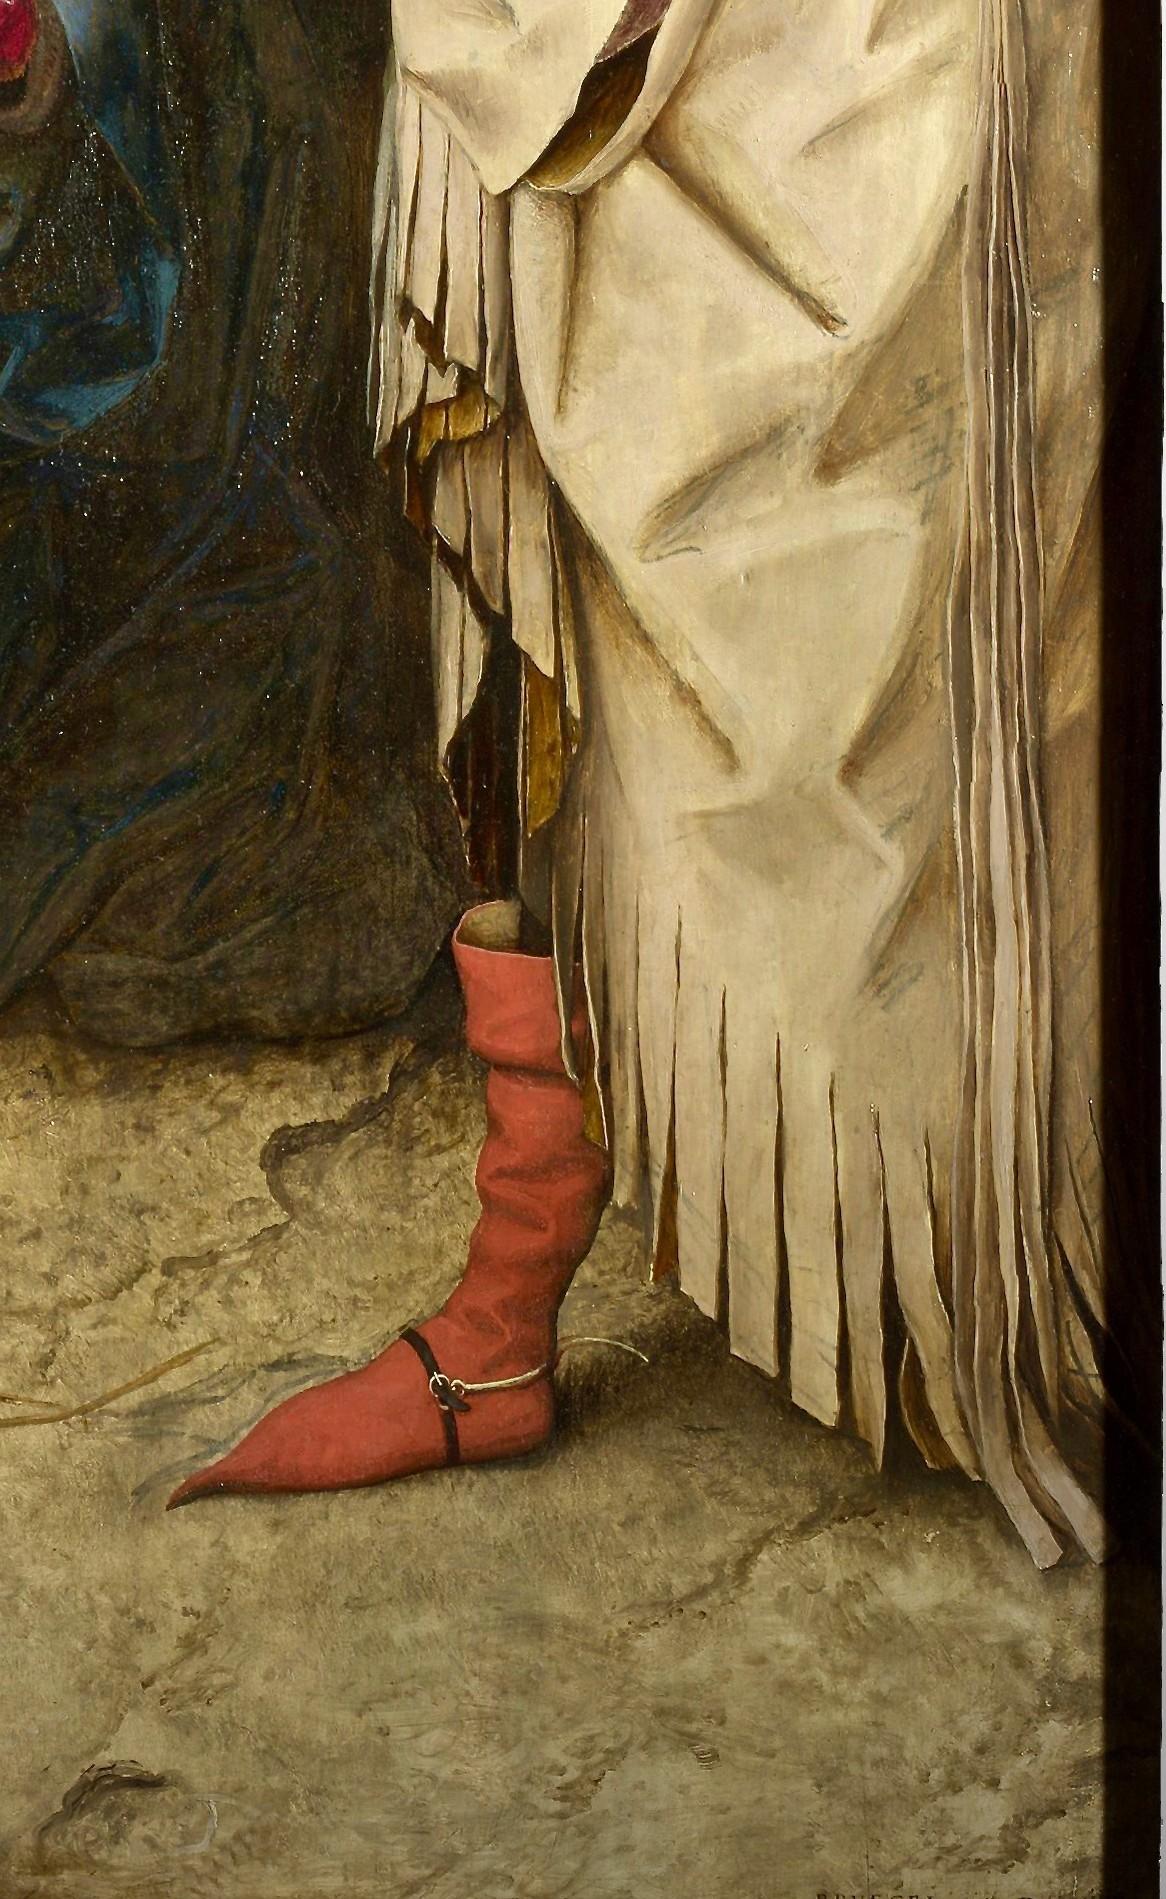 Anbetung_der_Könige_(Bruegel,_1564)